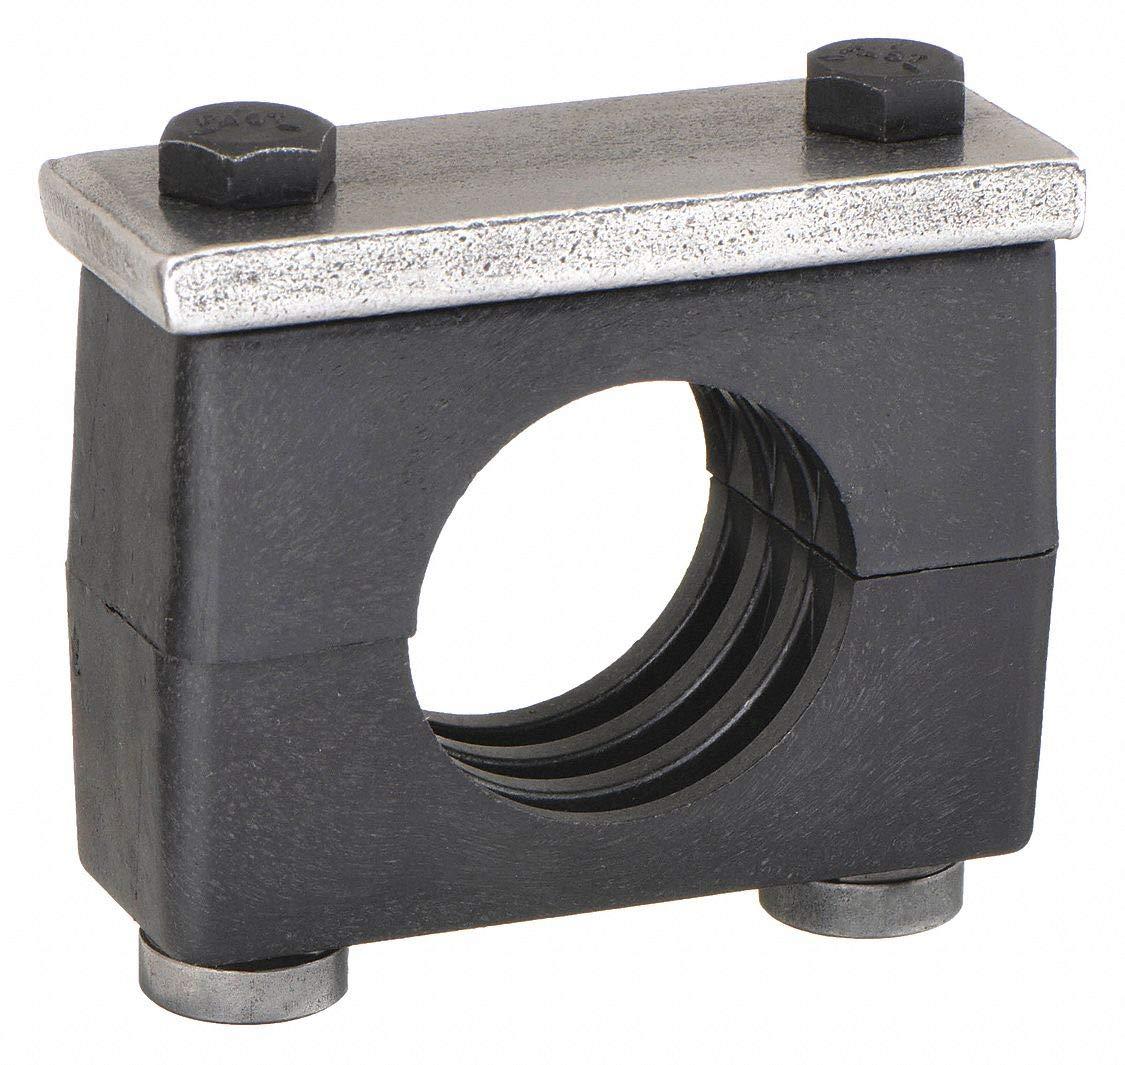 Tube Clamp Kit, Tube 1 3/4In, Carbon Steel